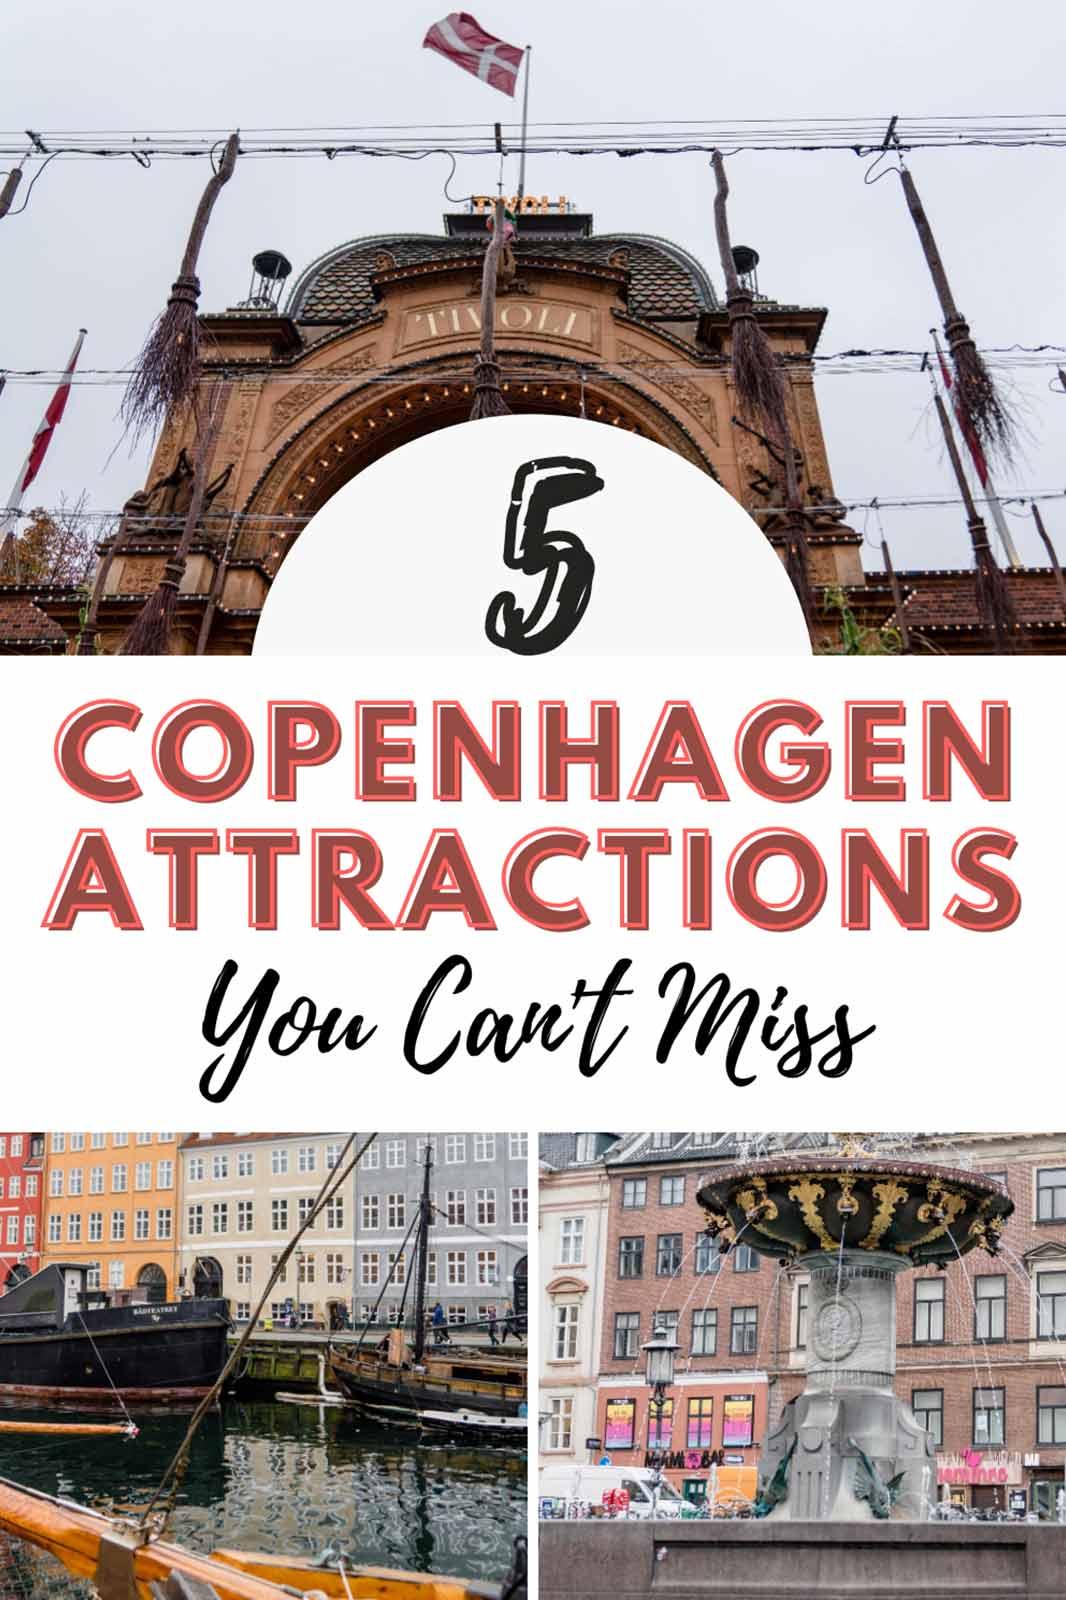 Top 5 Attractions in Copenhagen You Can't Miss